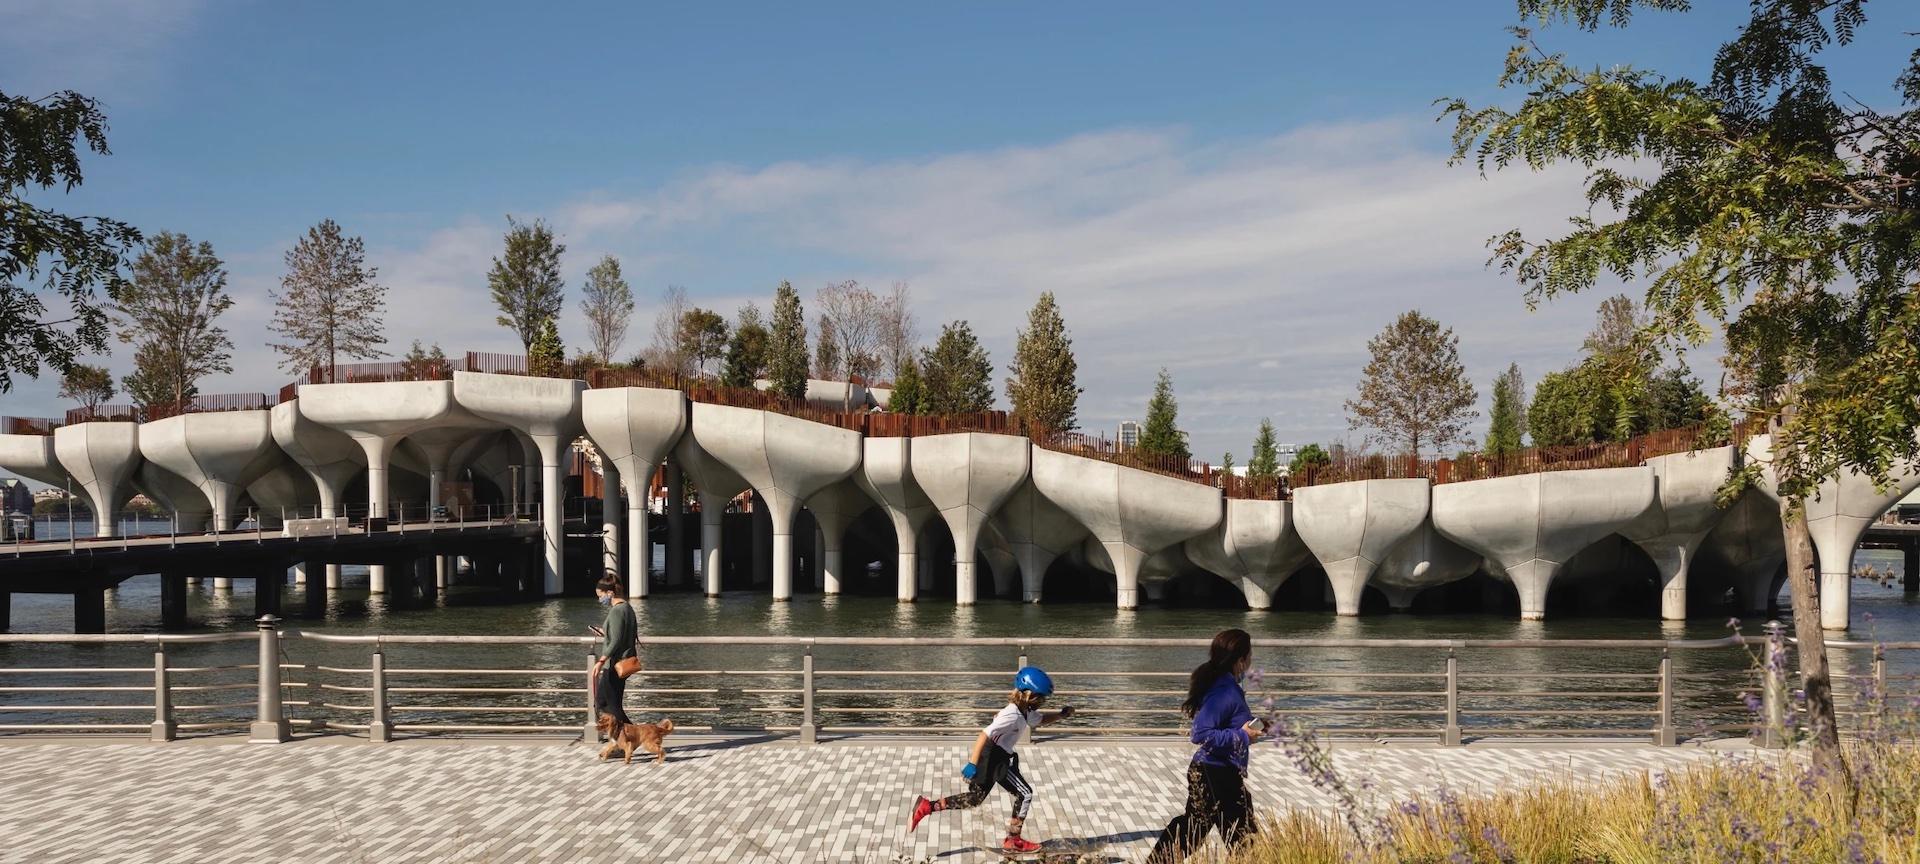 Abrió el nuevo parque en New York: Little Island ¿Cómo reservar tickets?